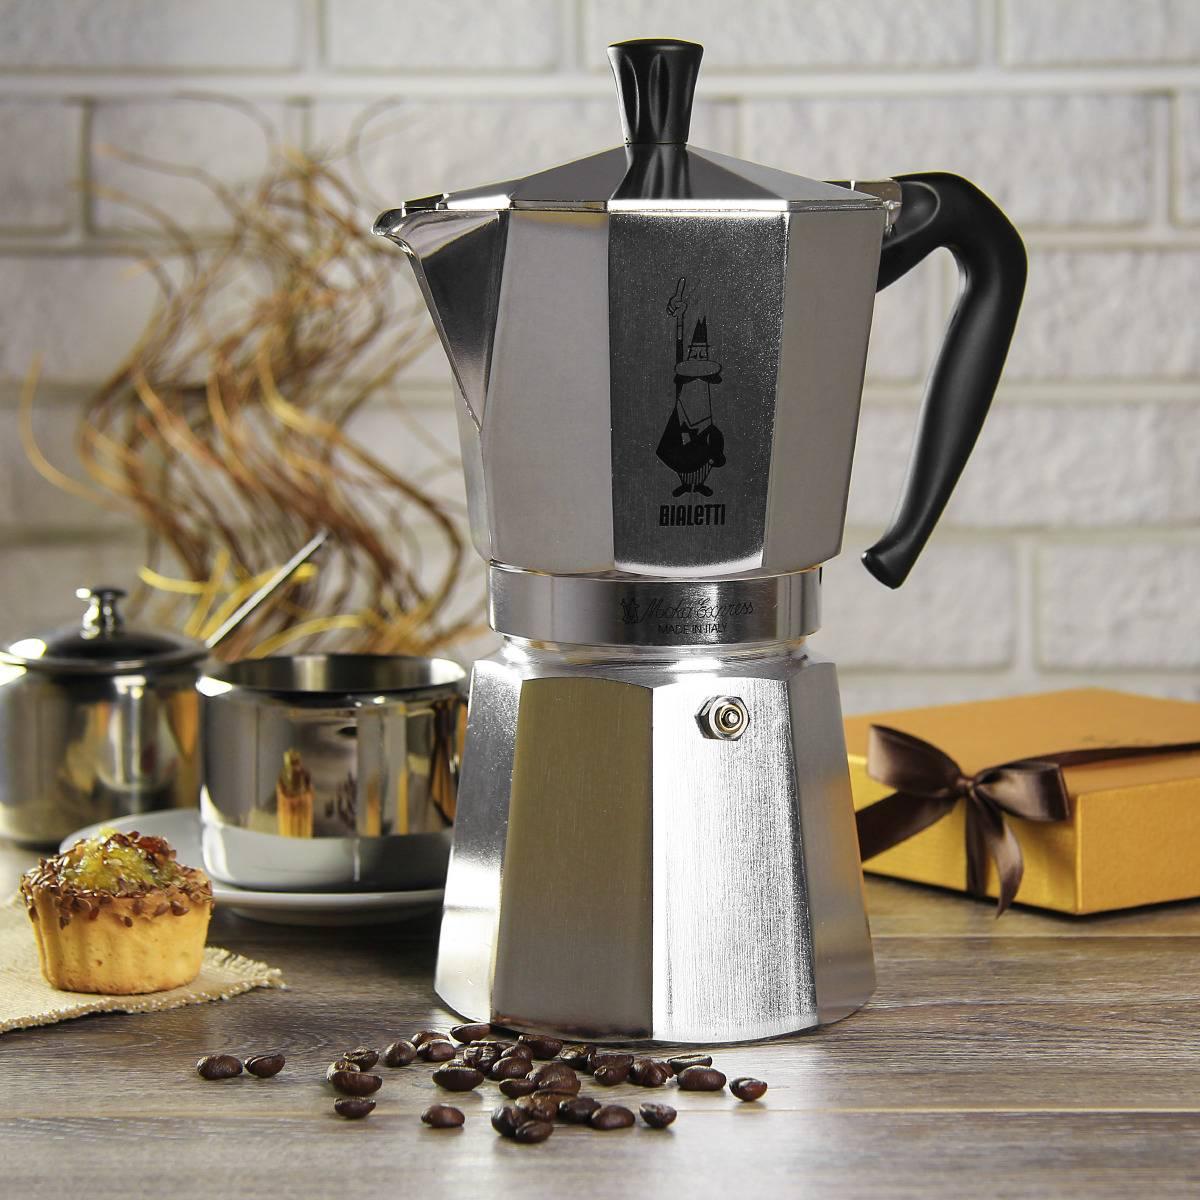 Какую кофеварку выбрать для дома: гейзерную, капельную, рожковую или капсульную